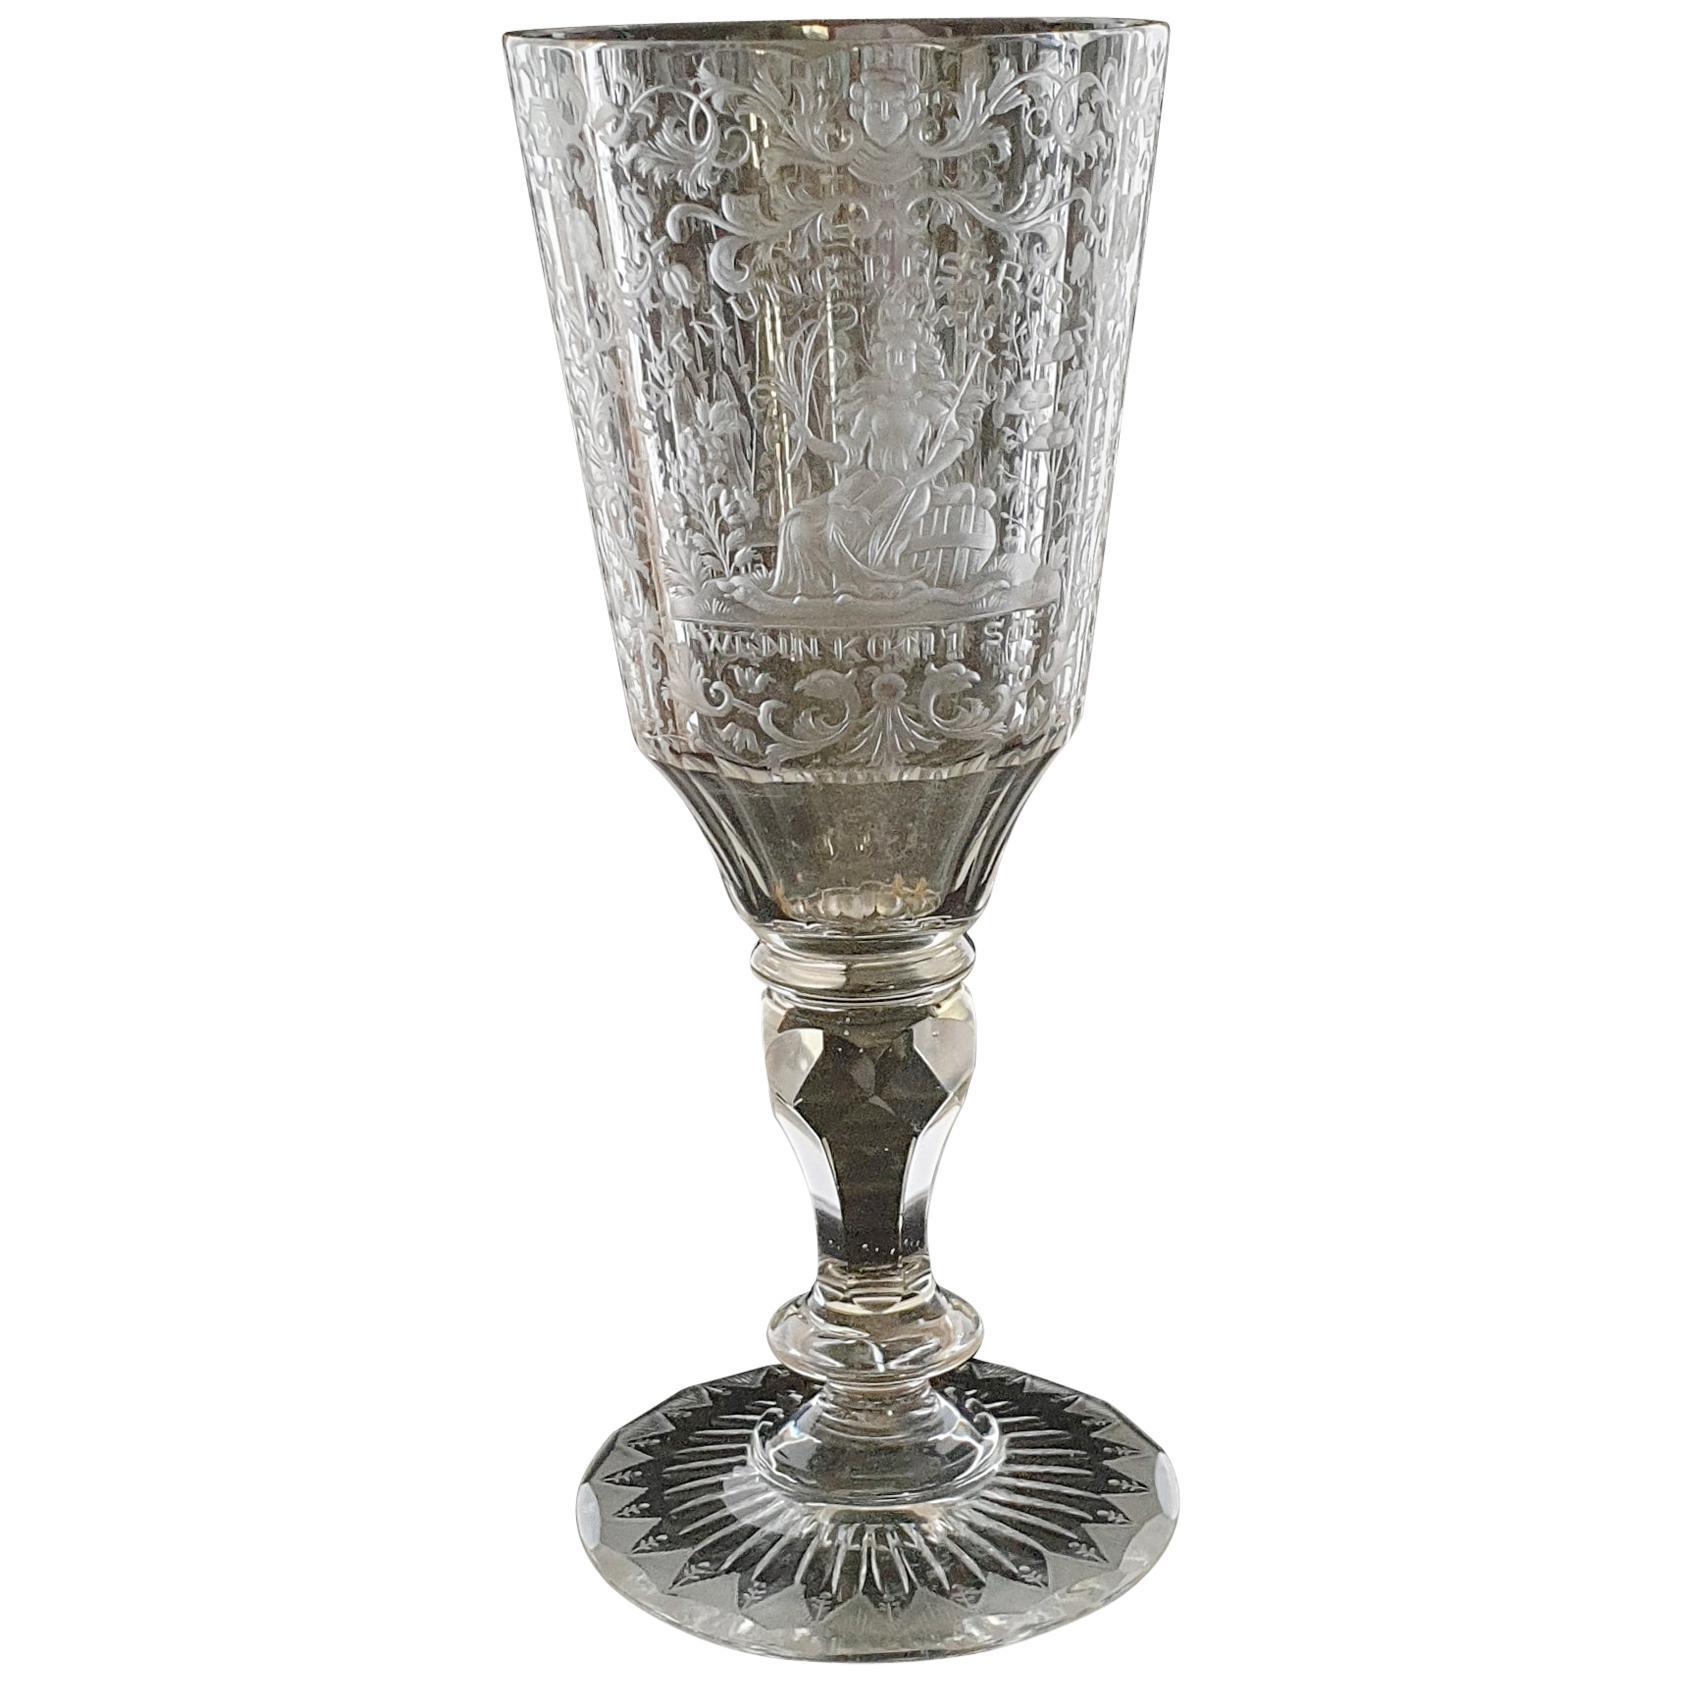 Engraved Wine Glass, Silesia, circa 1740